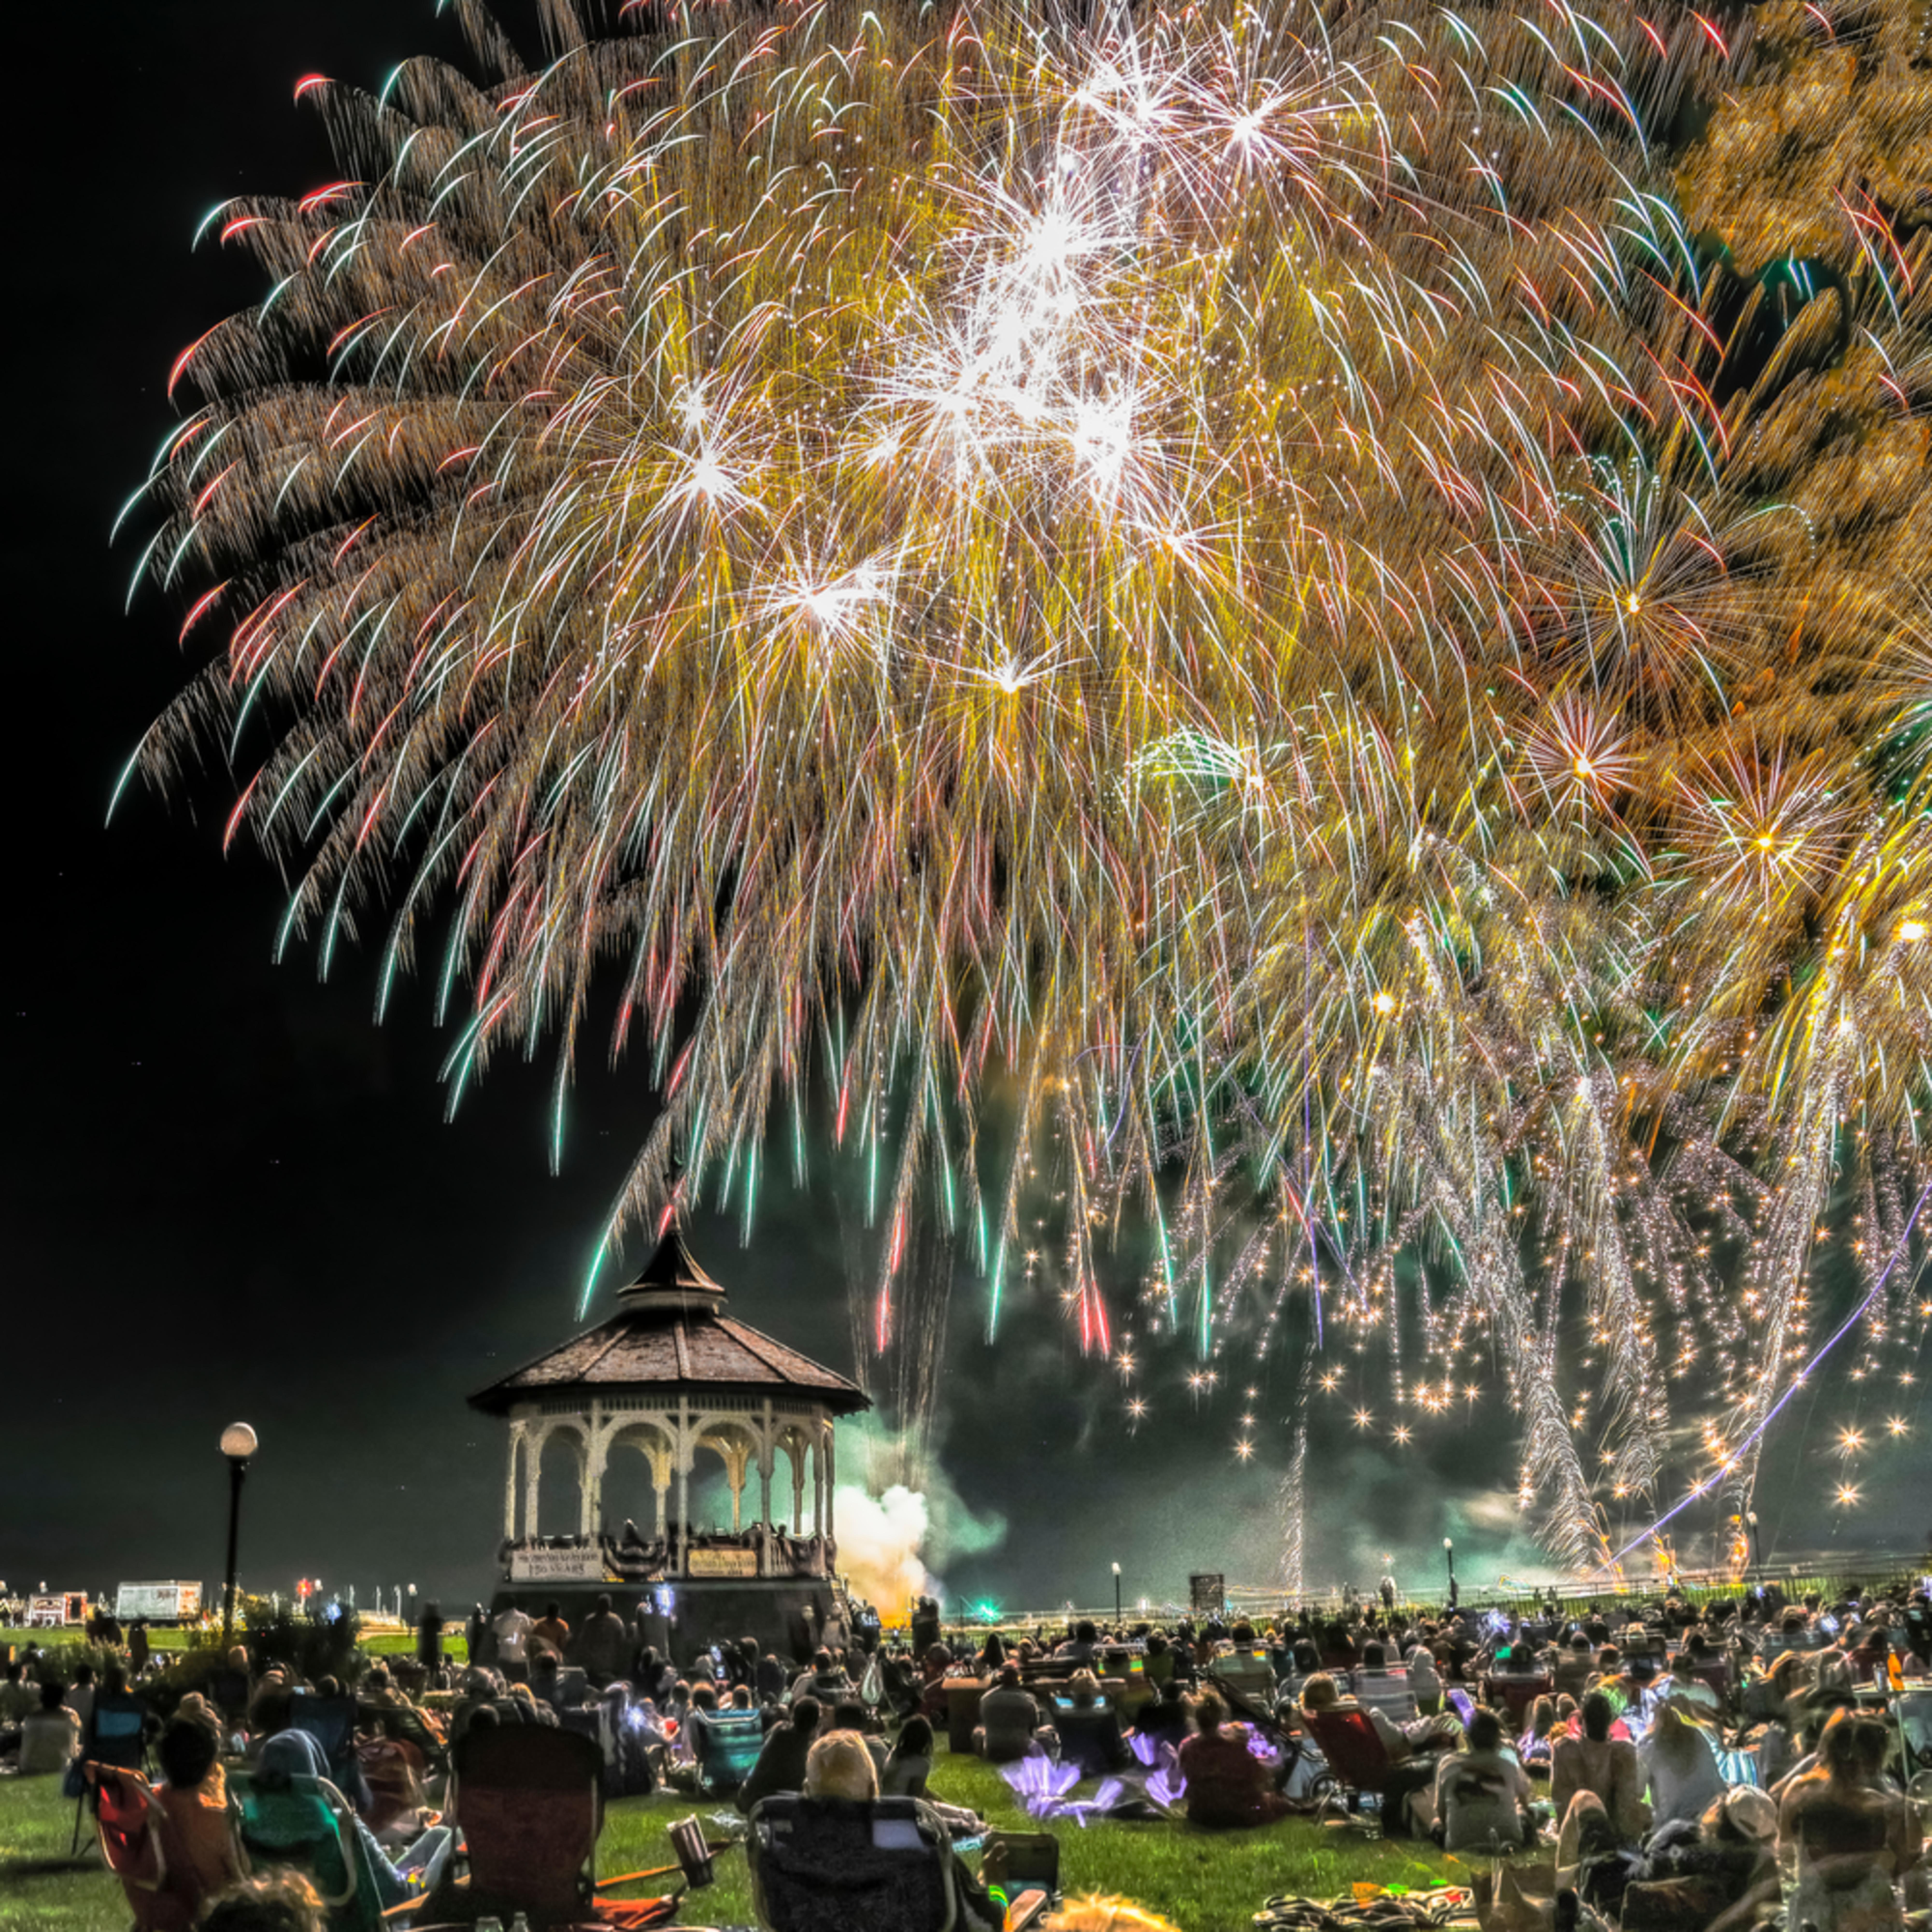 Oak bluffs fireworks 1 s6pwik